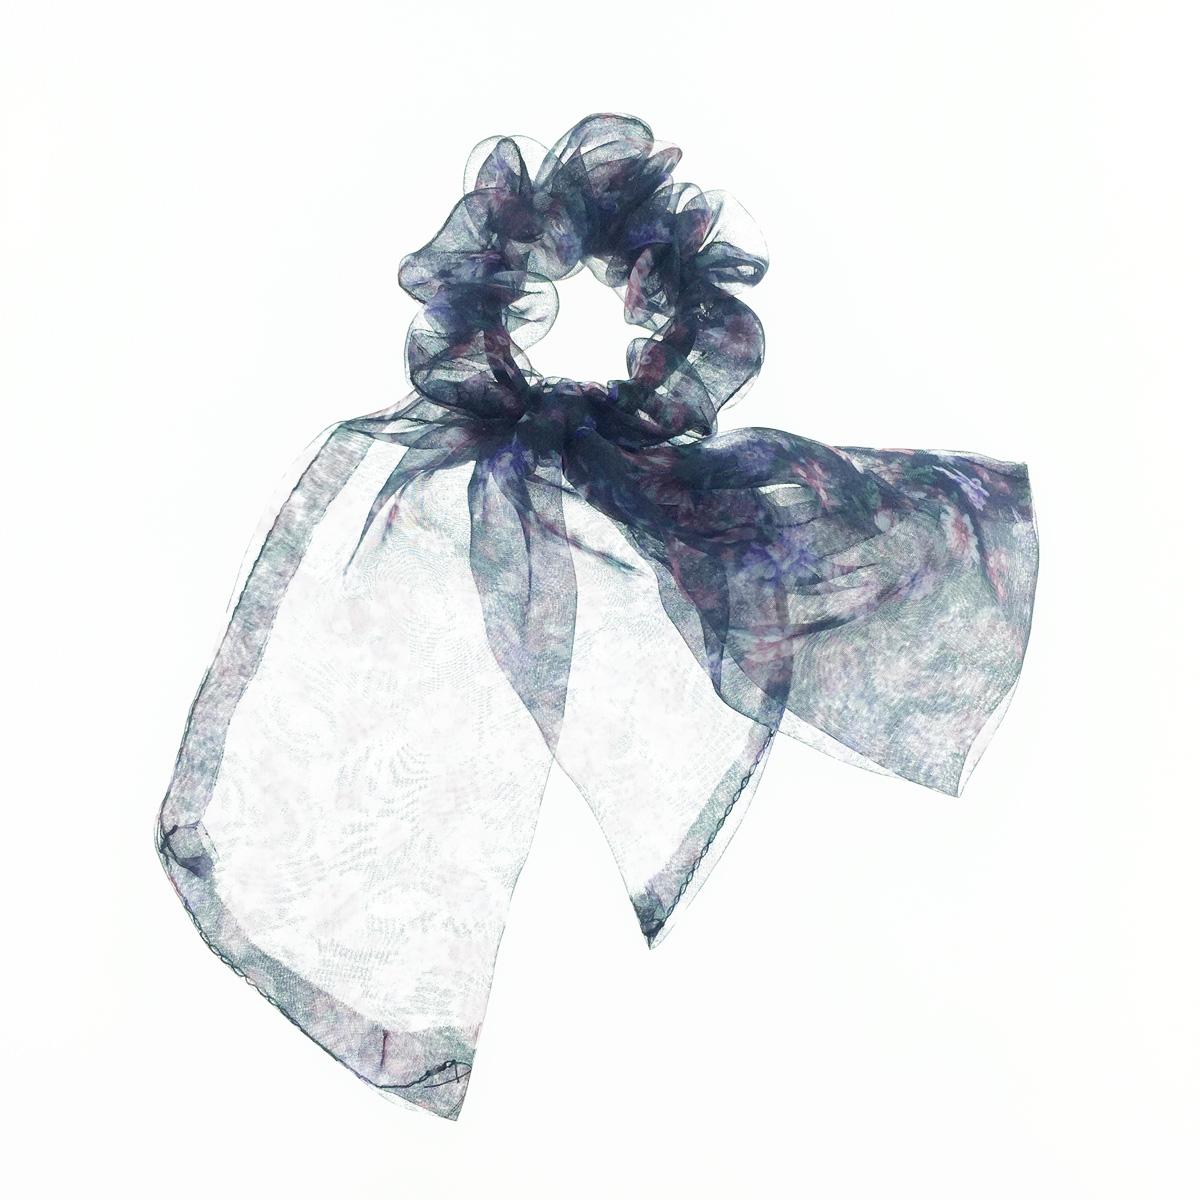 韓國 小碎花 暈染 蝴蝶結 透紗 髮飾 髮圈 大腸圈